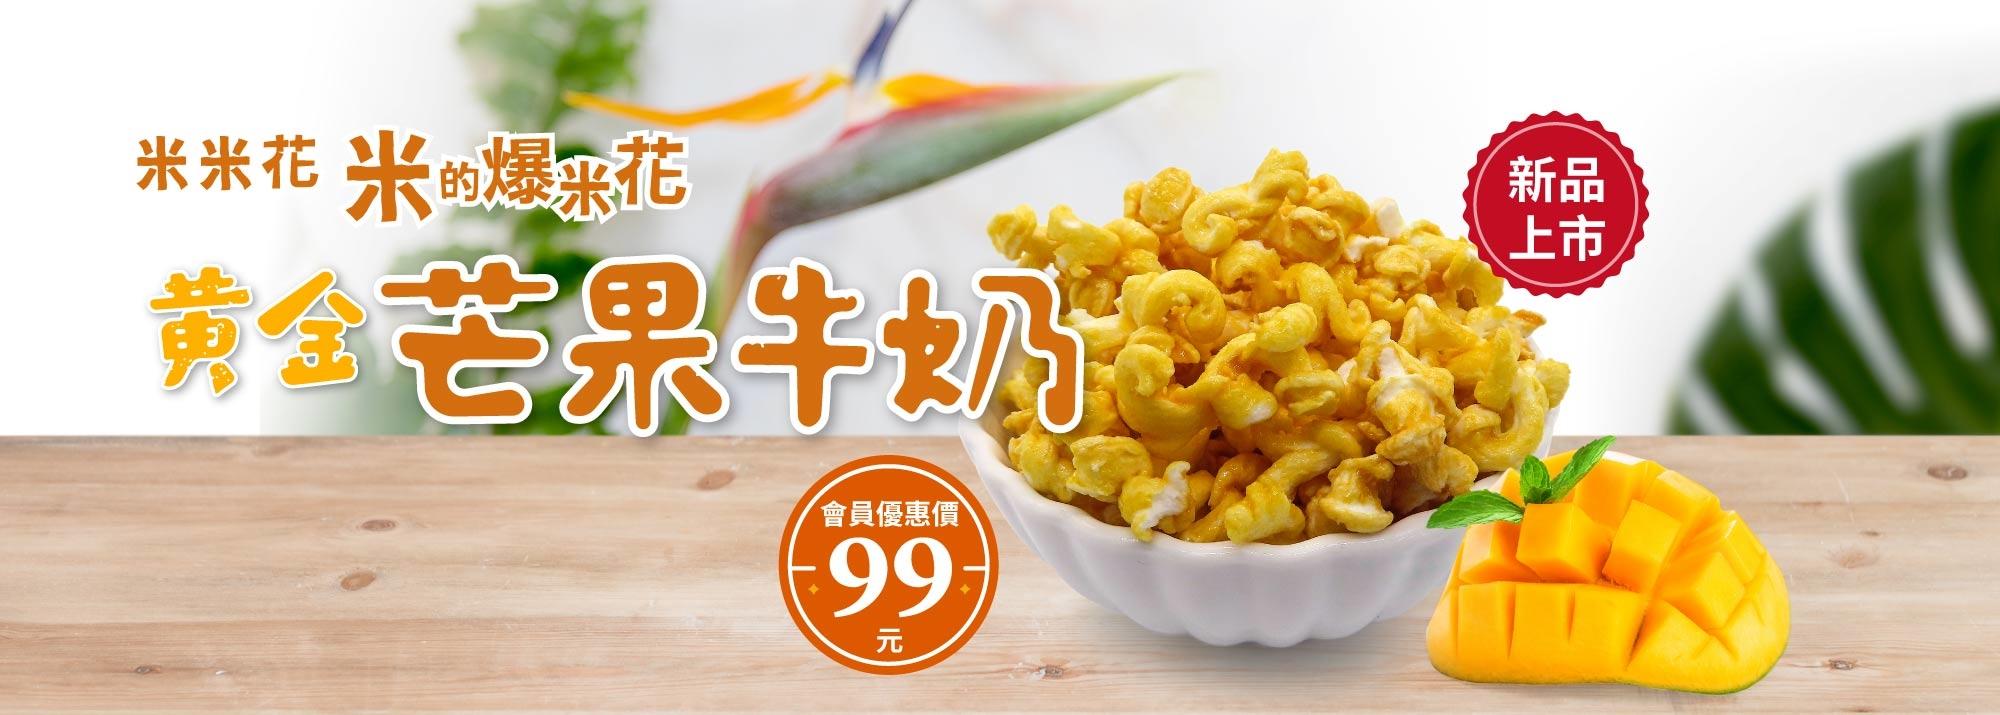 米米花_米的爆米花_爆米花_丹尼船長-黃金芒果牛奶味